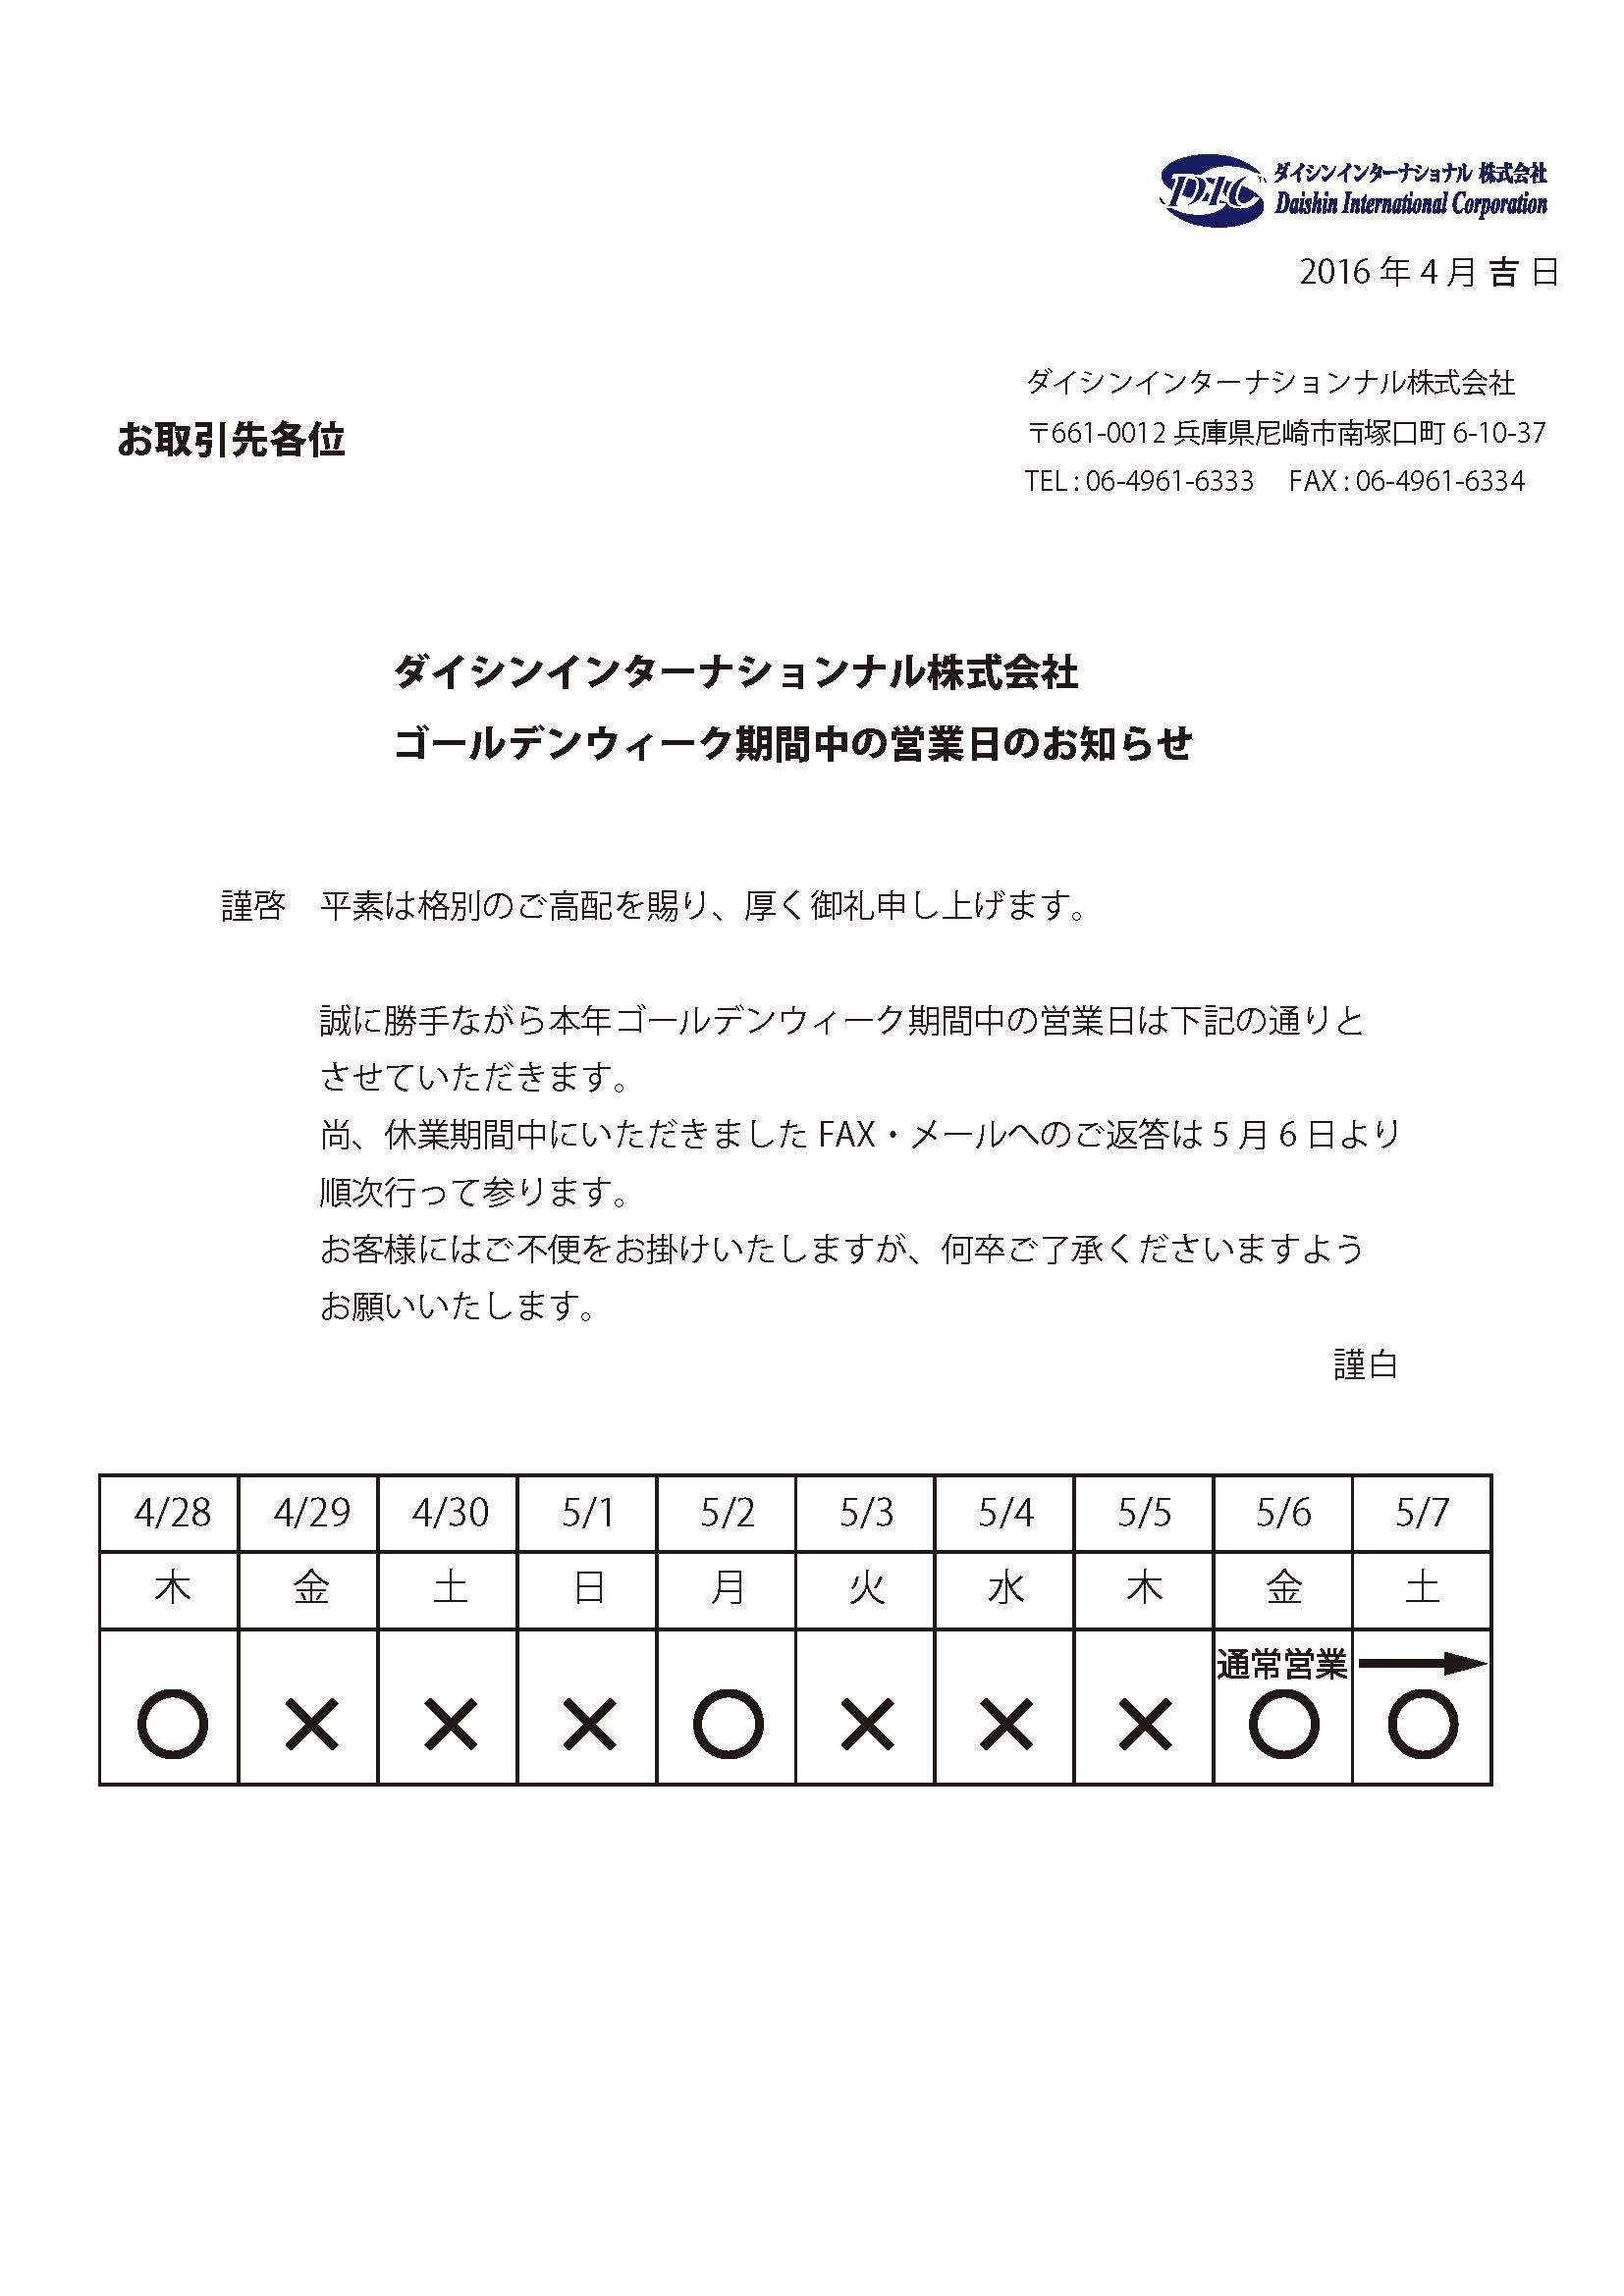 DICゴールデンウィーク知らせ_2016